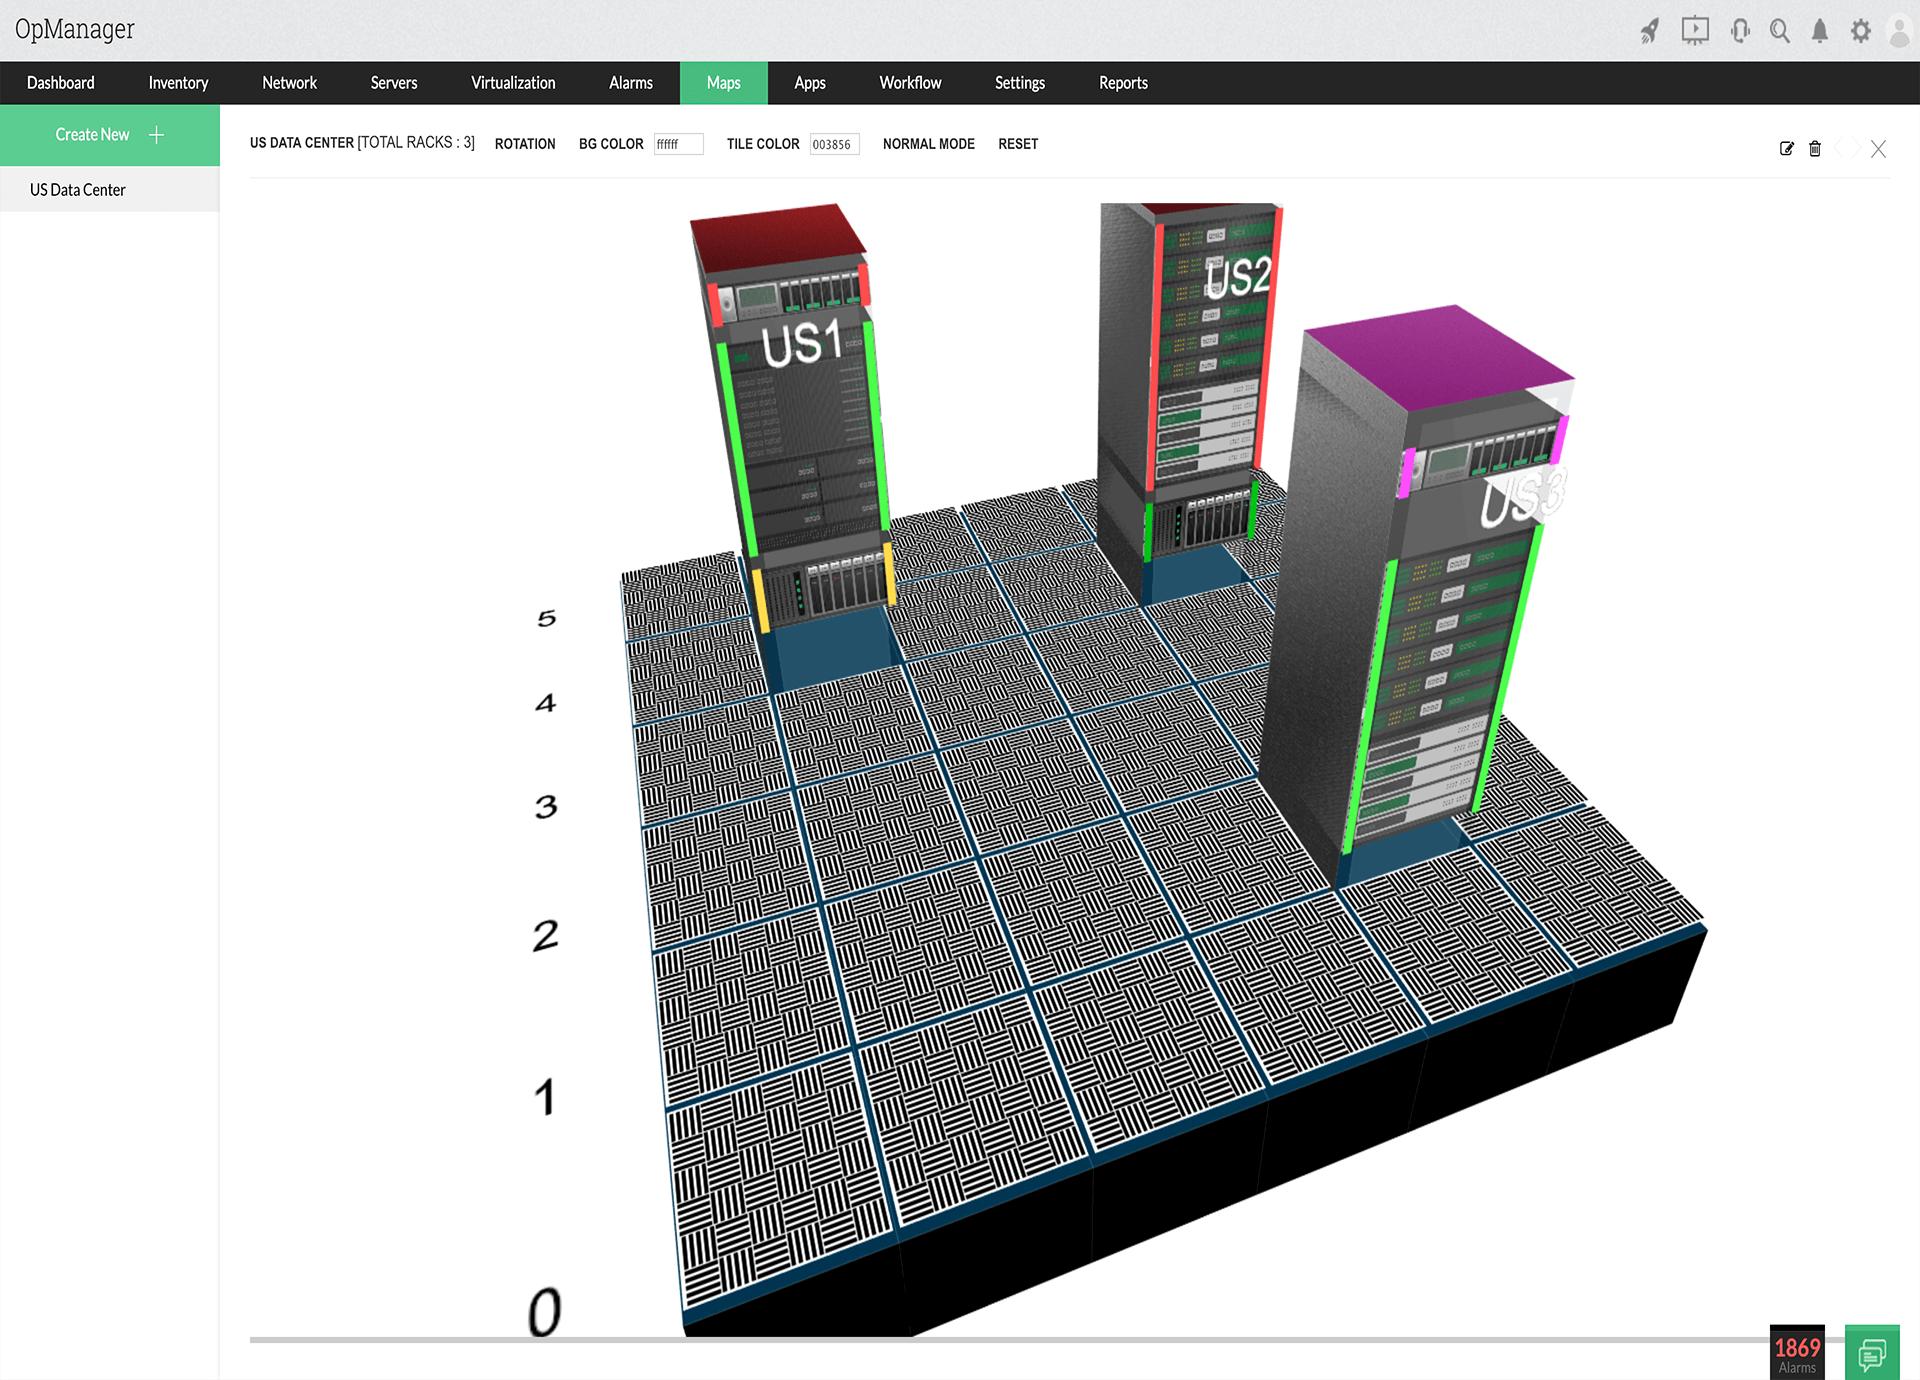 Tạo các rack với các thiết bị được lắp đặt và thiết kế các datacenter để mô phỏng datacenter thực. Phân tích sâu các bản giả lập thiết bị thực tế trong trường hợp bị lỗi.